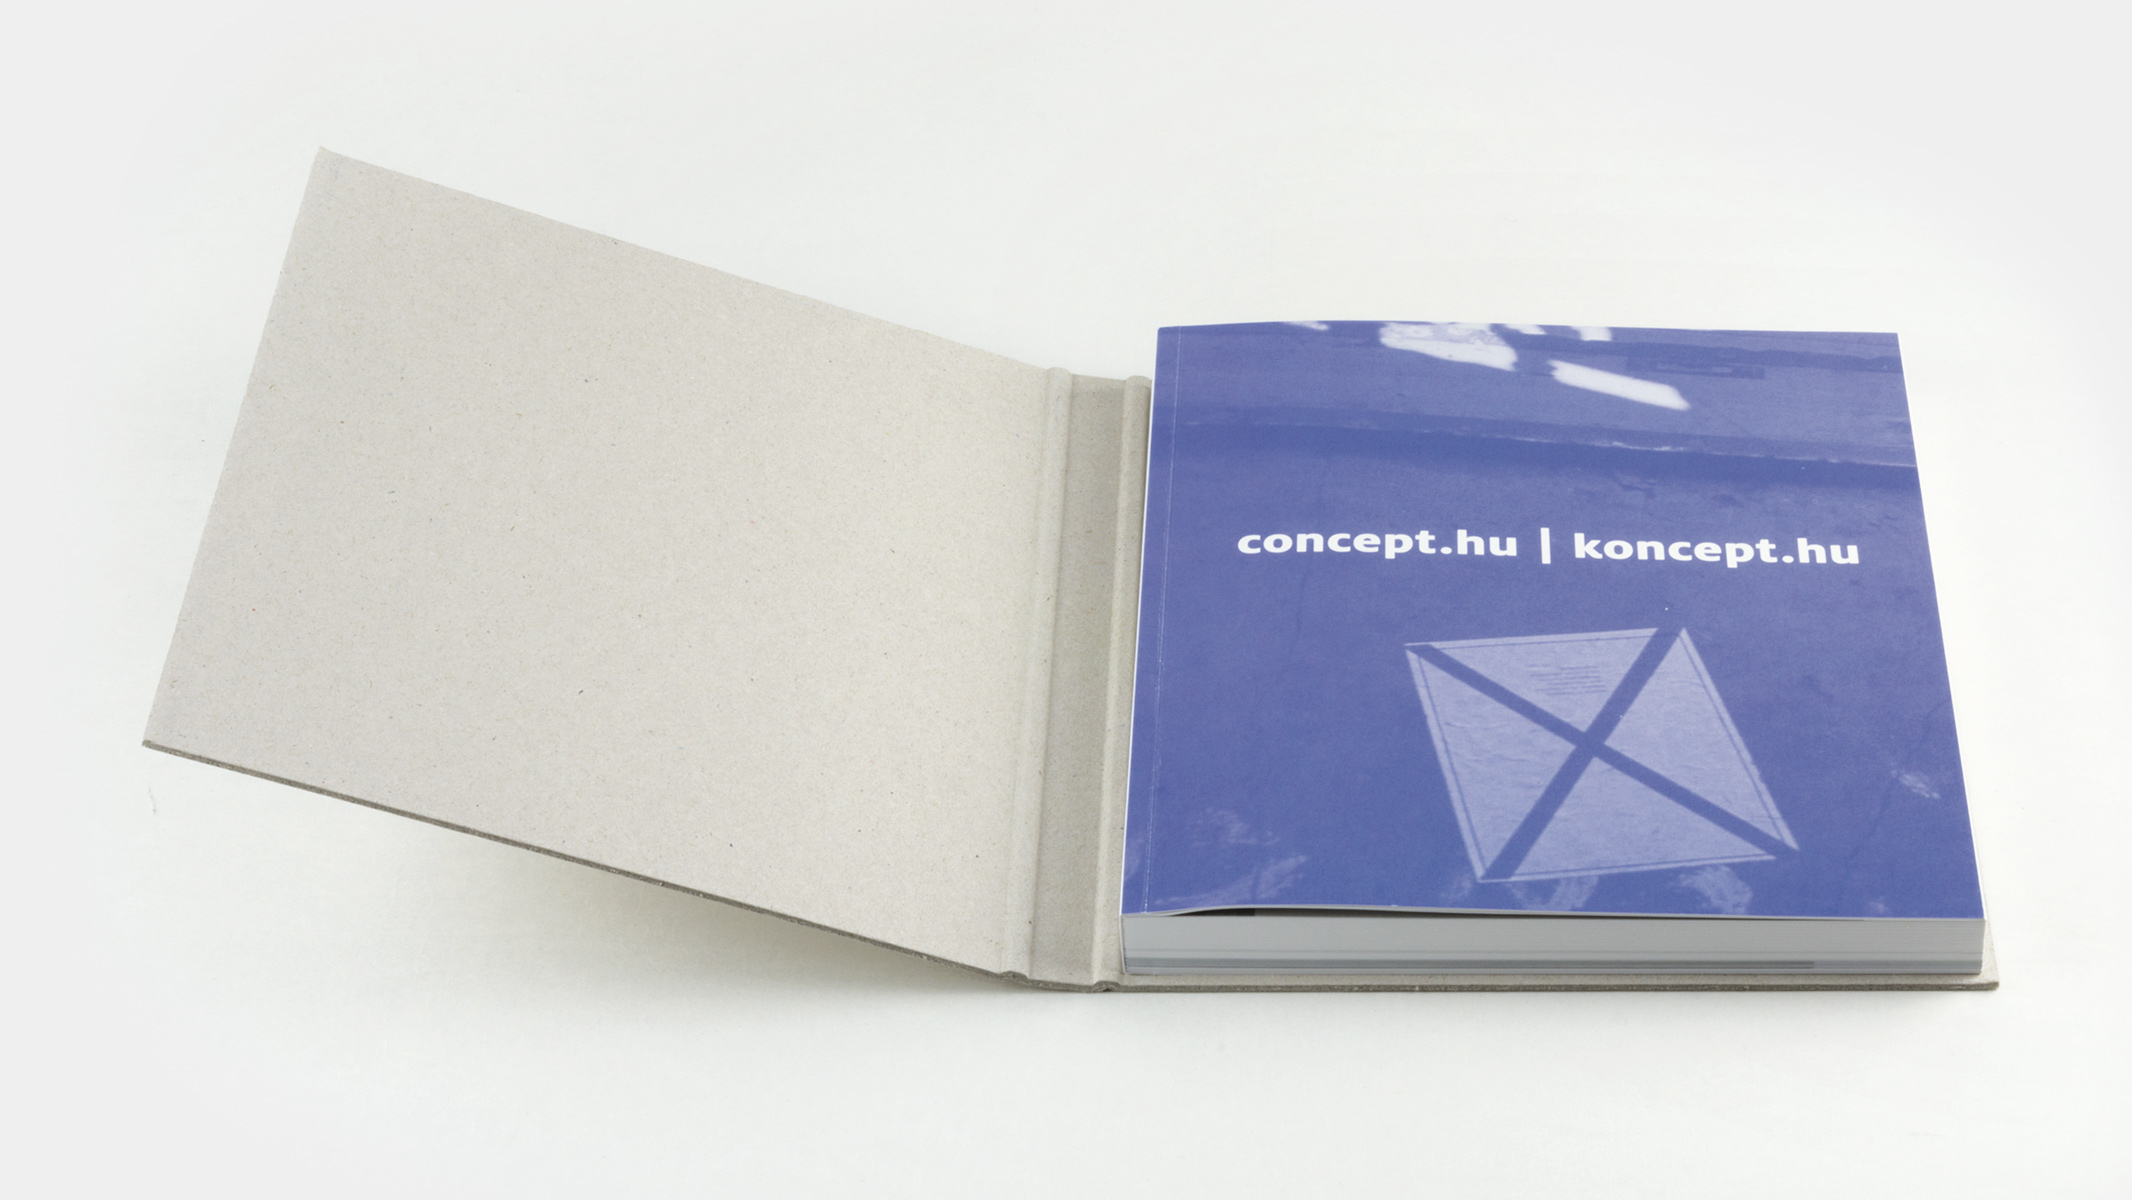 koncept-hu-2132x1200-01